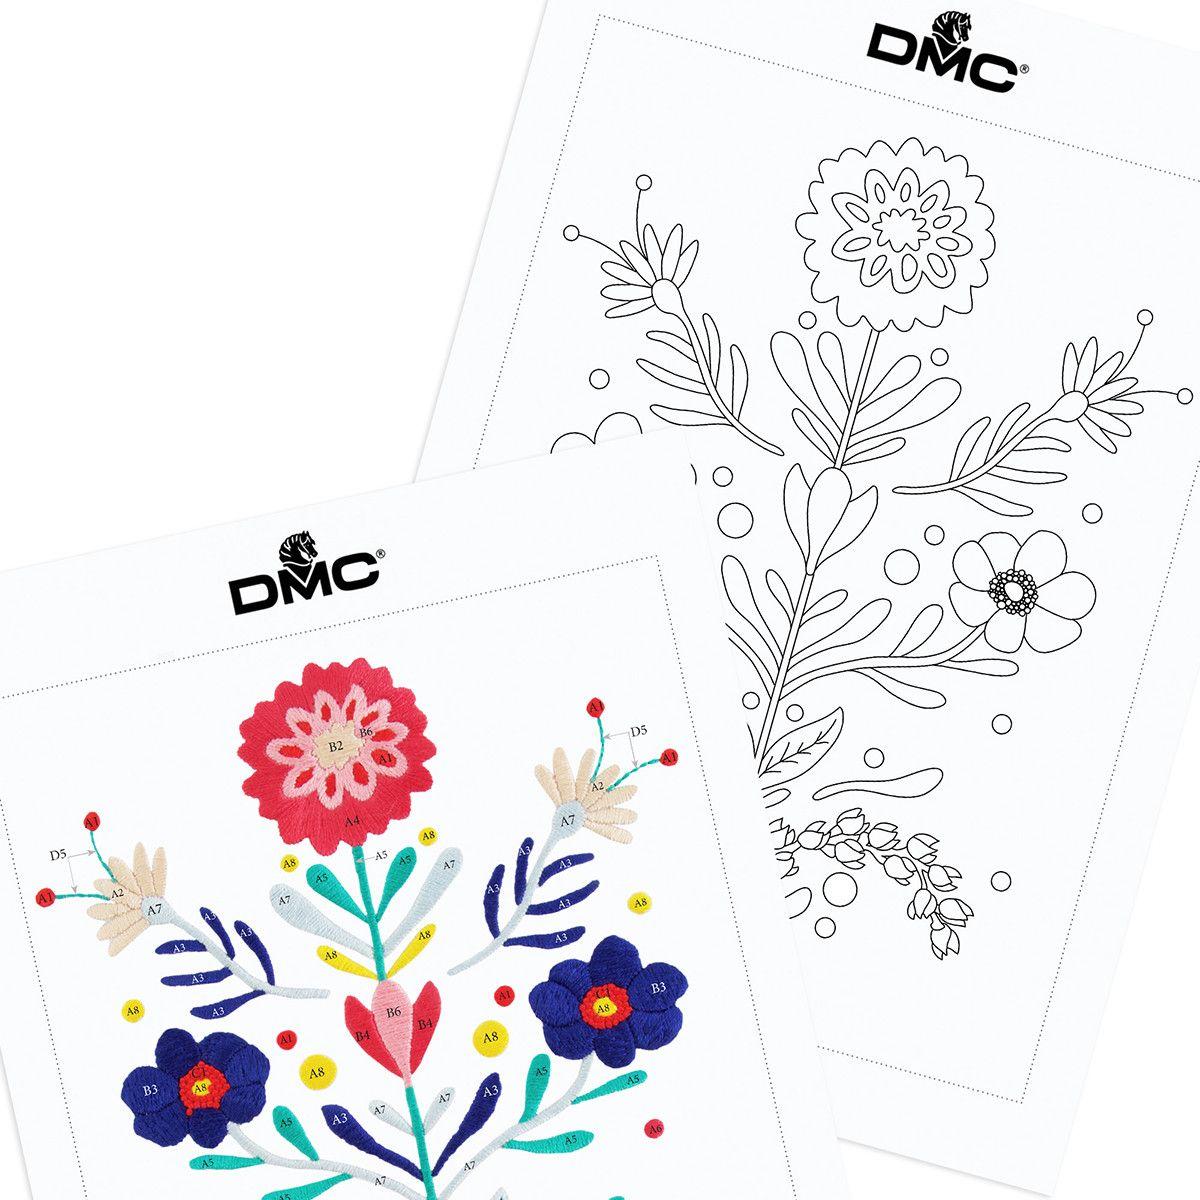 Motivo del bordado del ramo floral | PATRONES | Pinterest | Ramos ...